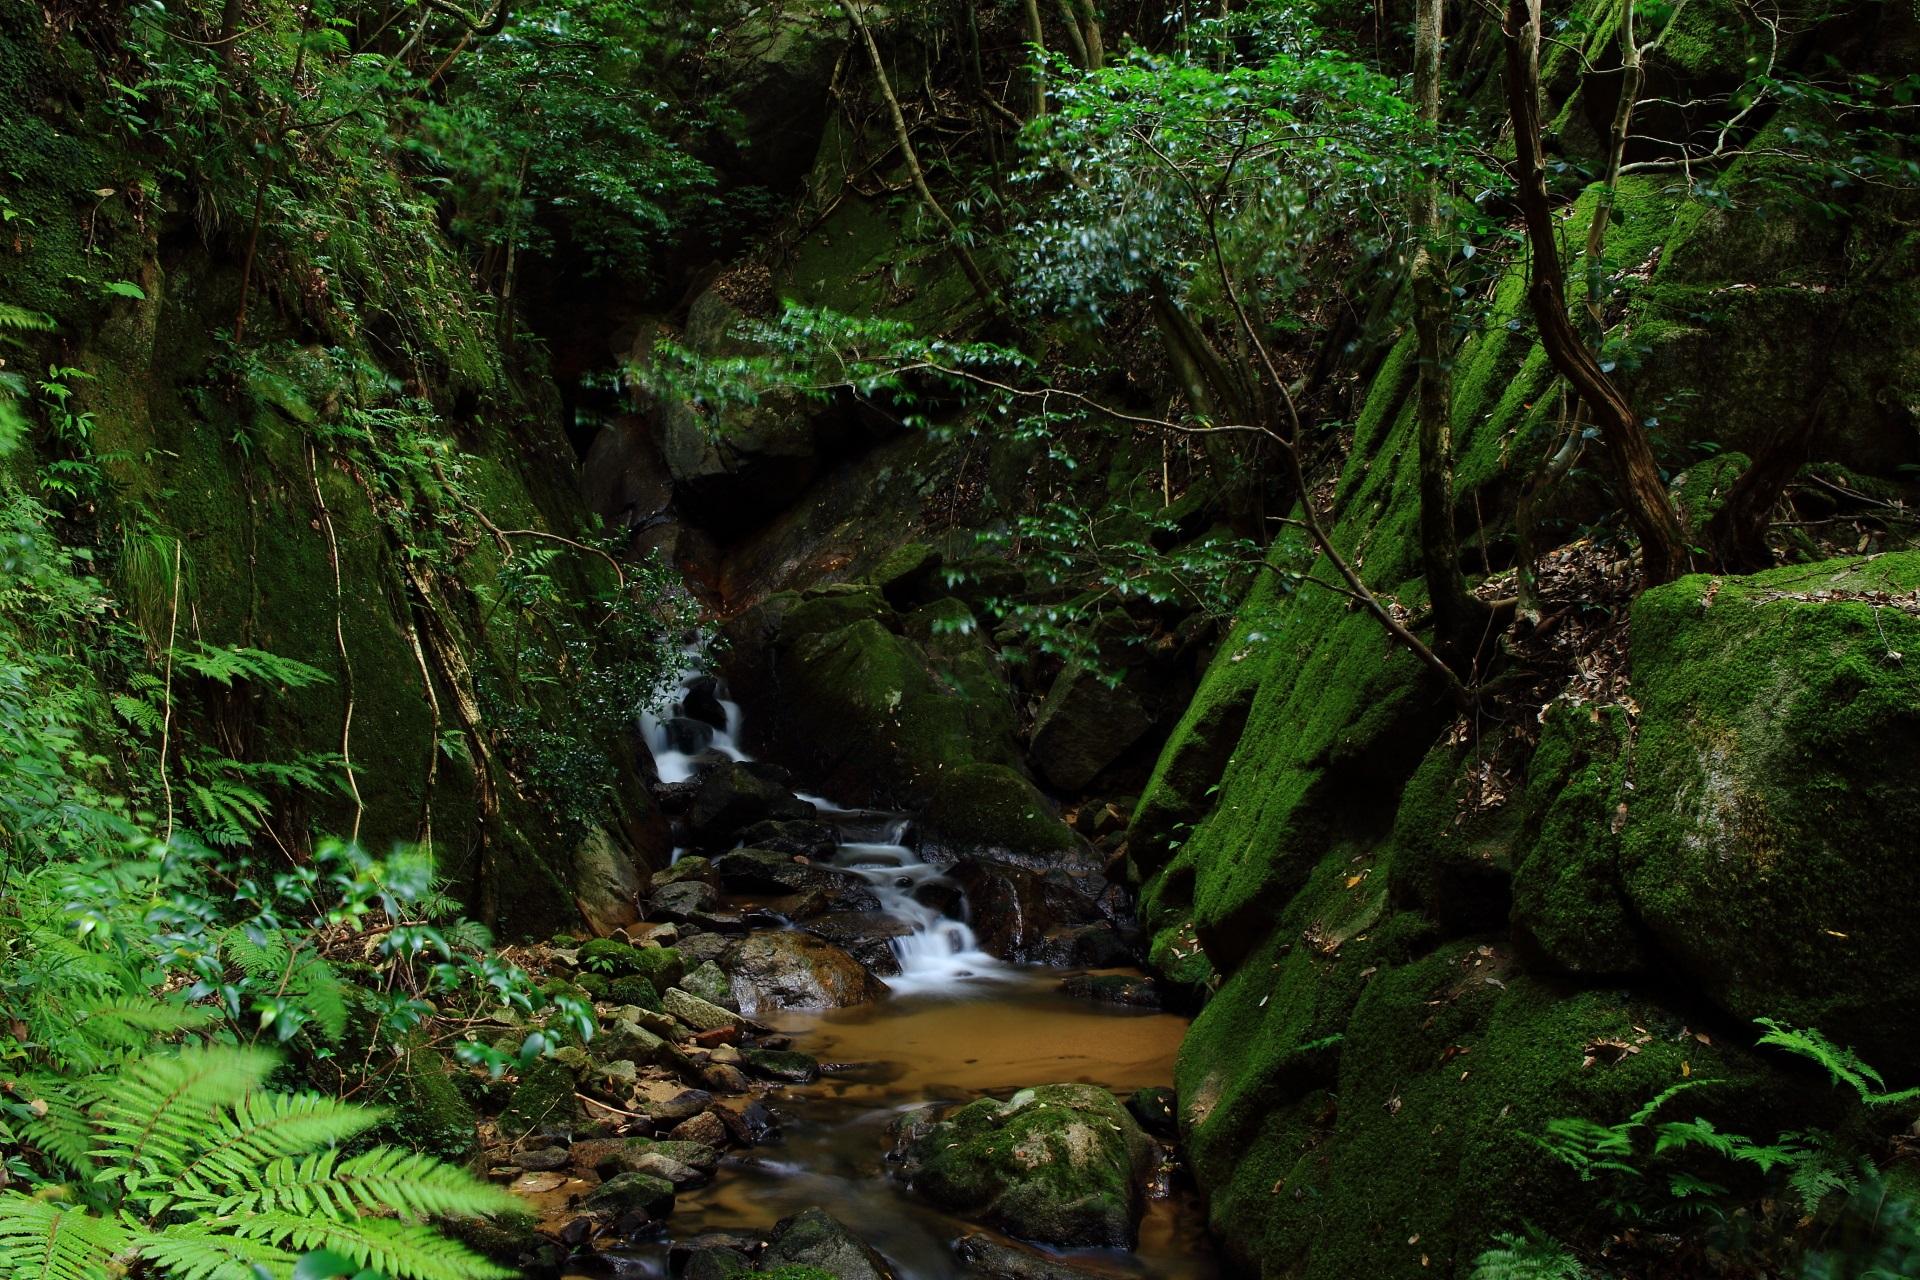 金引の滝の下流の川